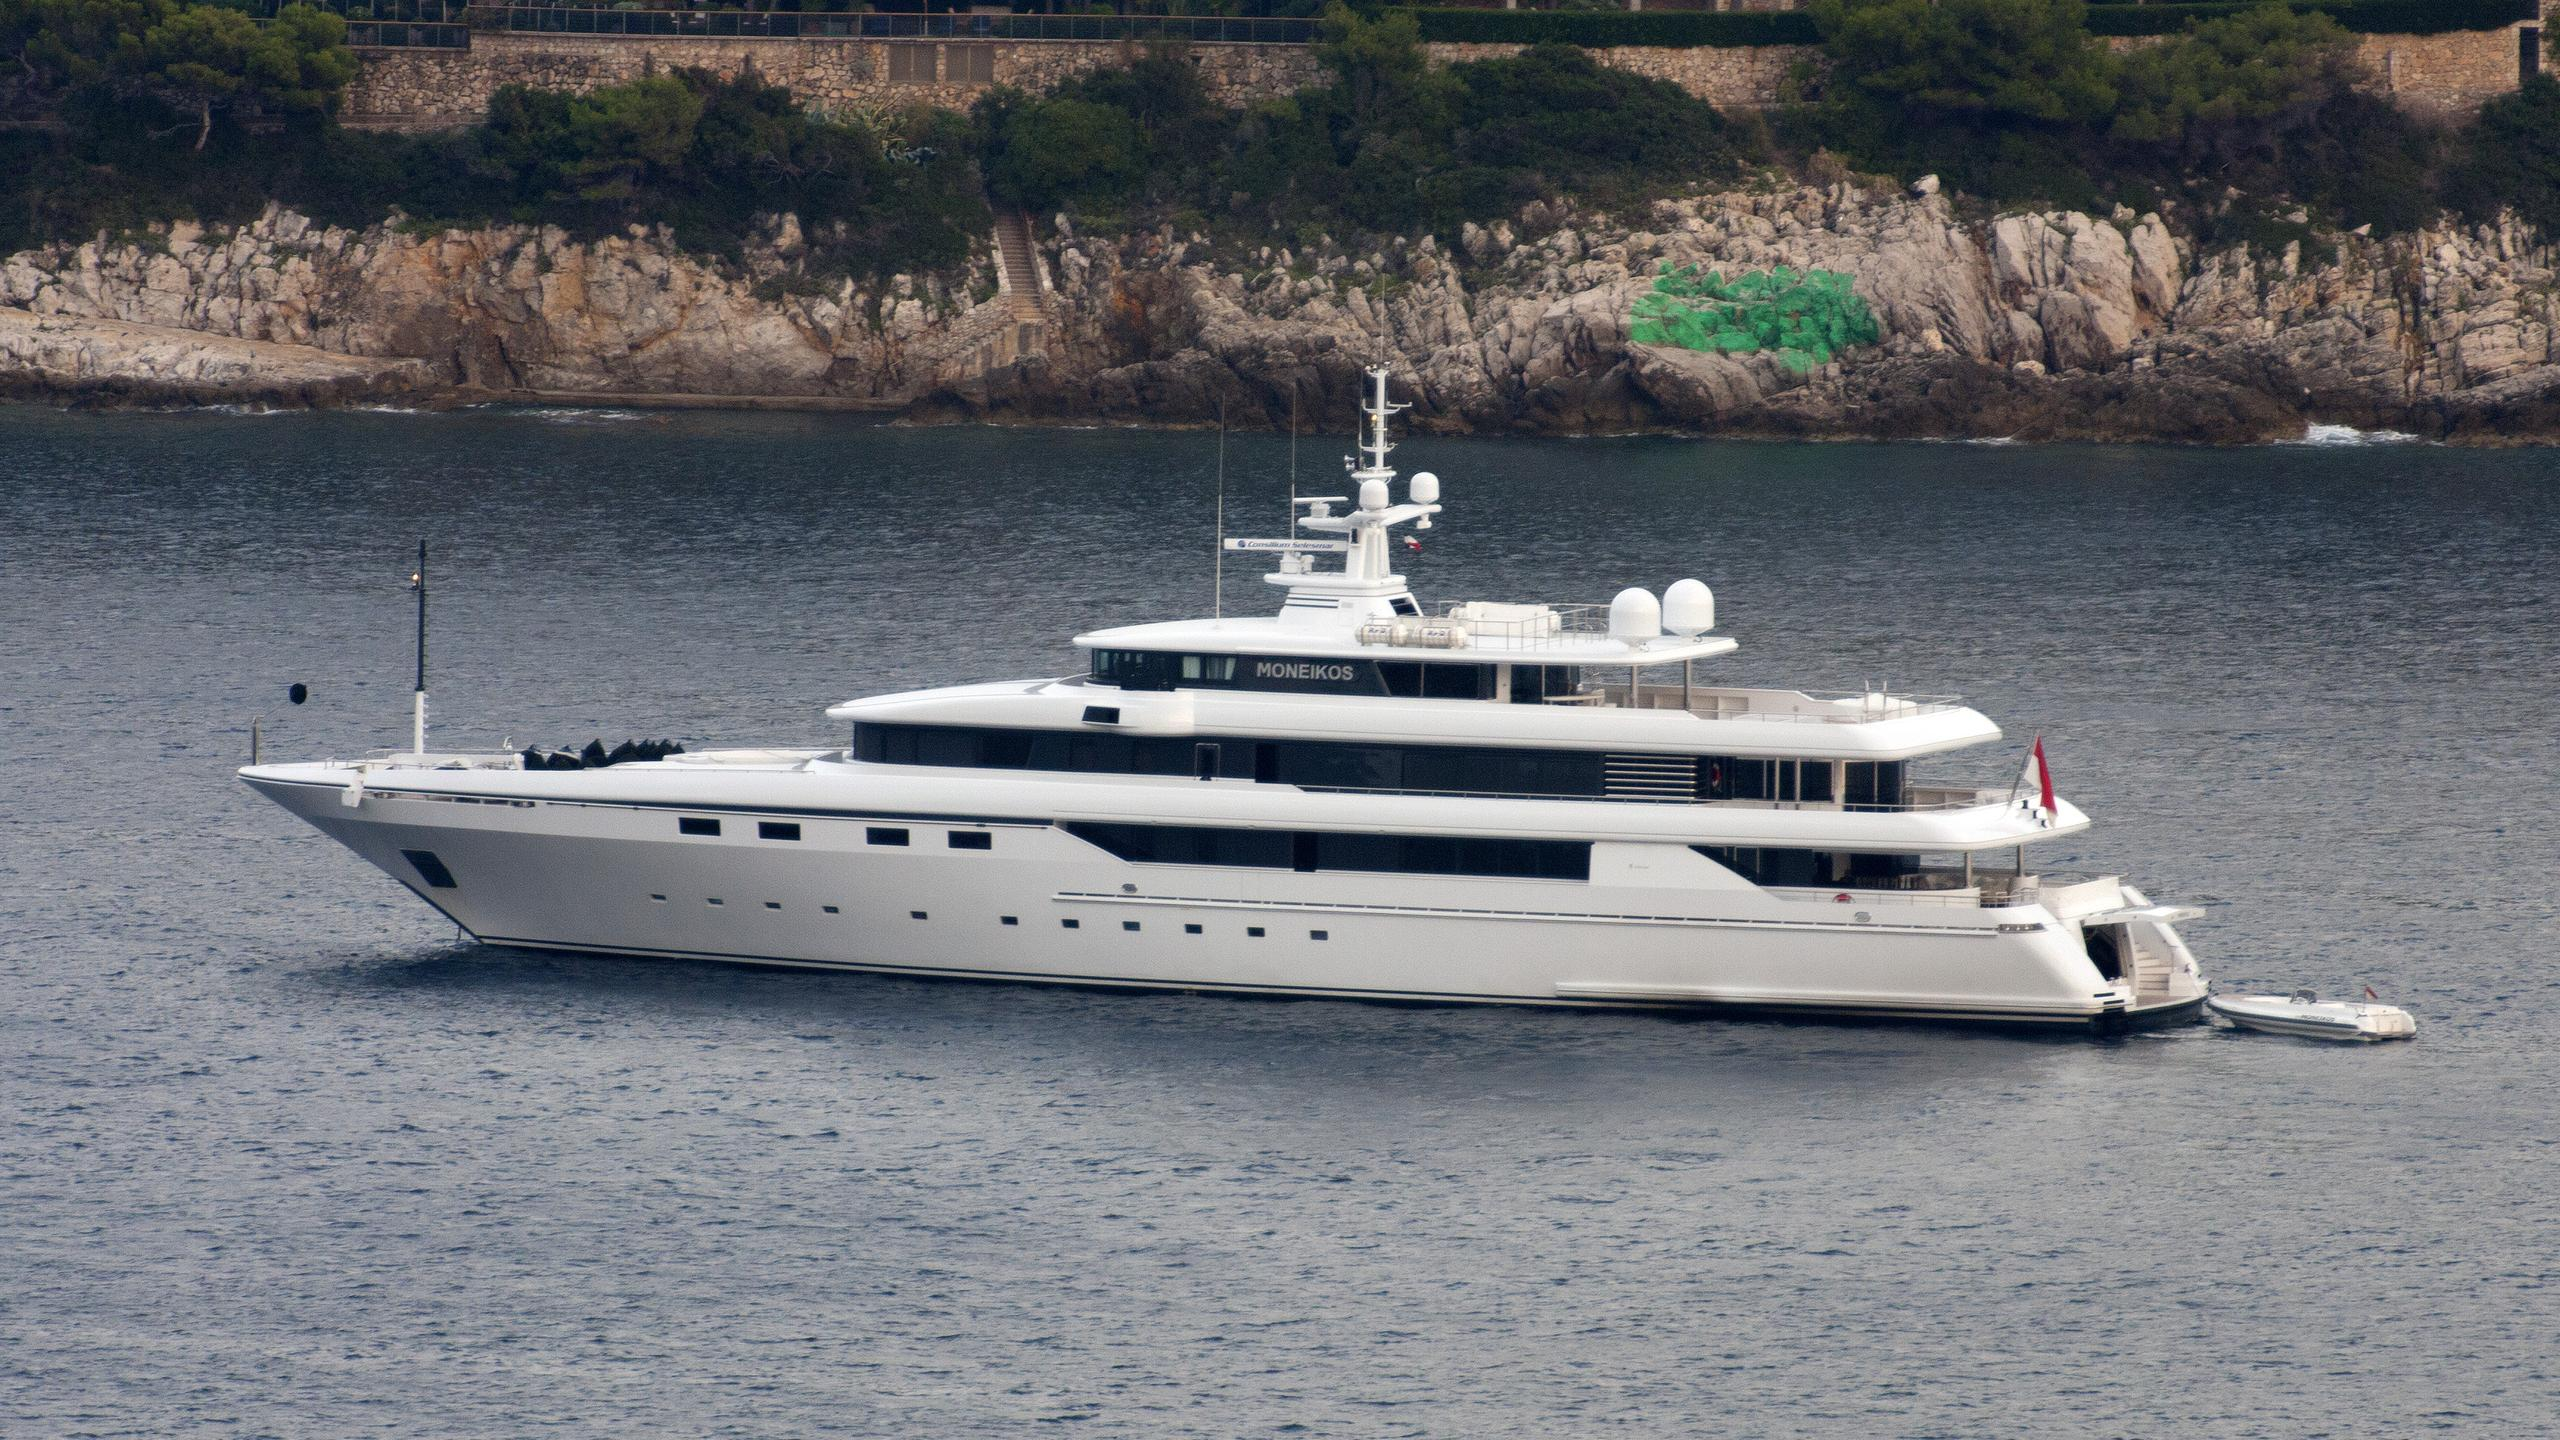 moneikos-yacht-exterior